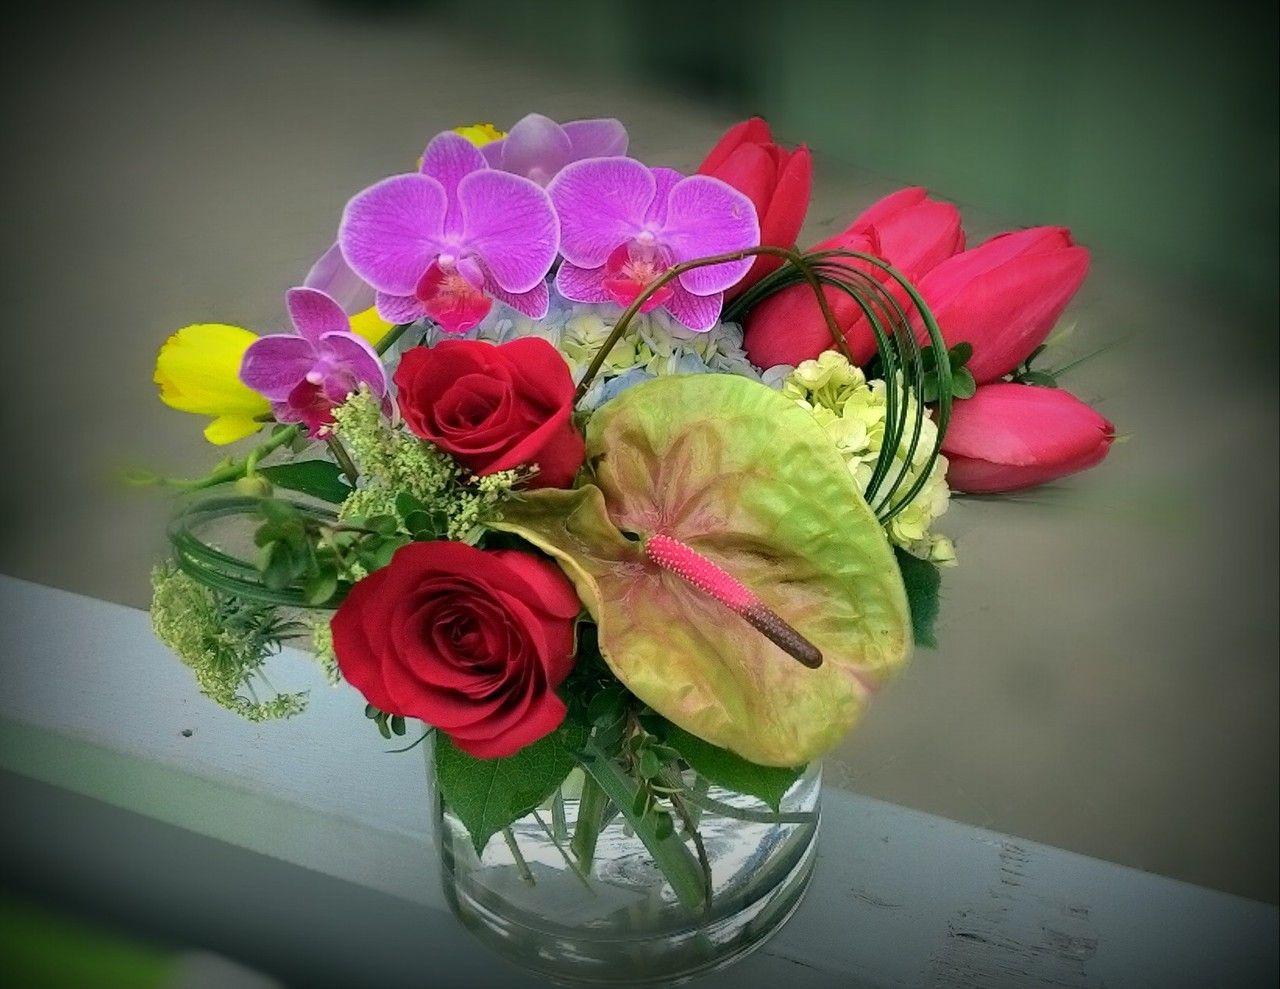 Valentines special flower arrangements pinterest urban valentines special izmirmasajfo